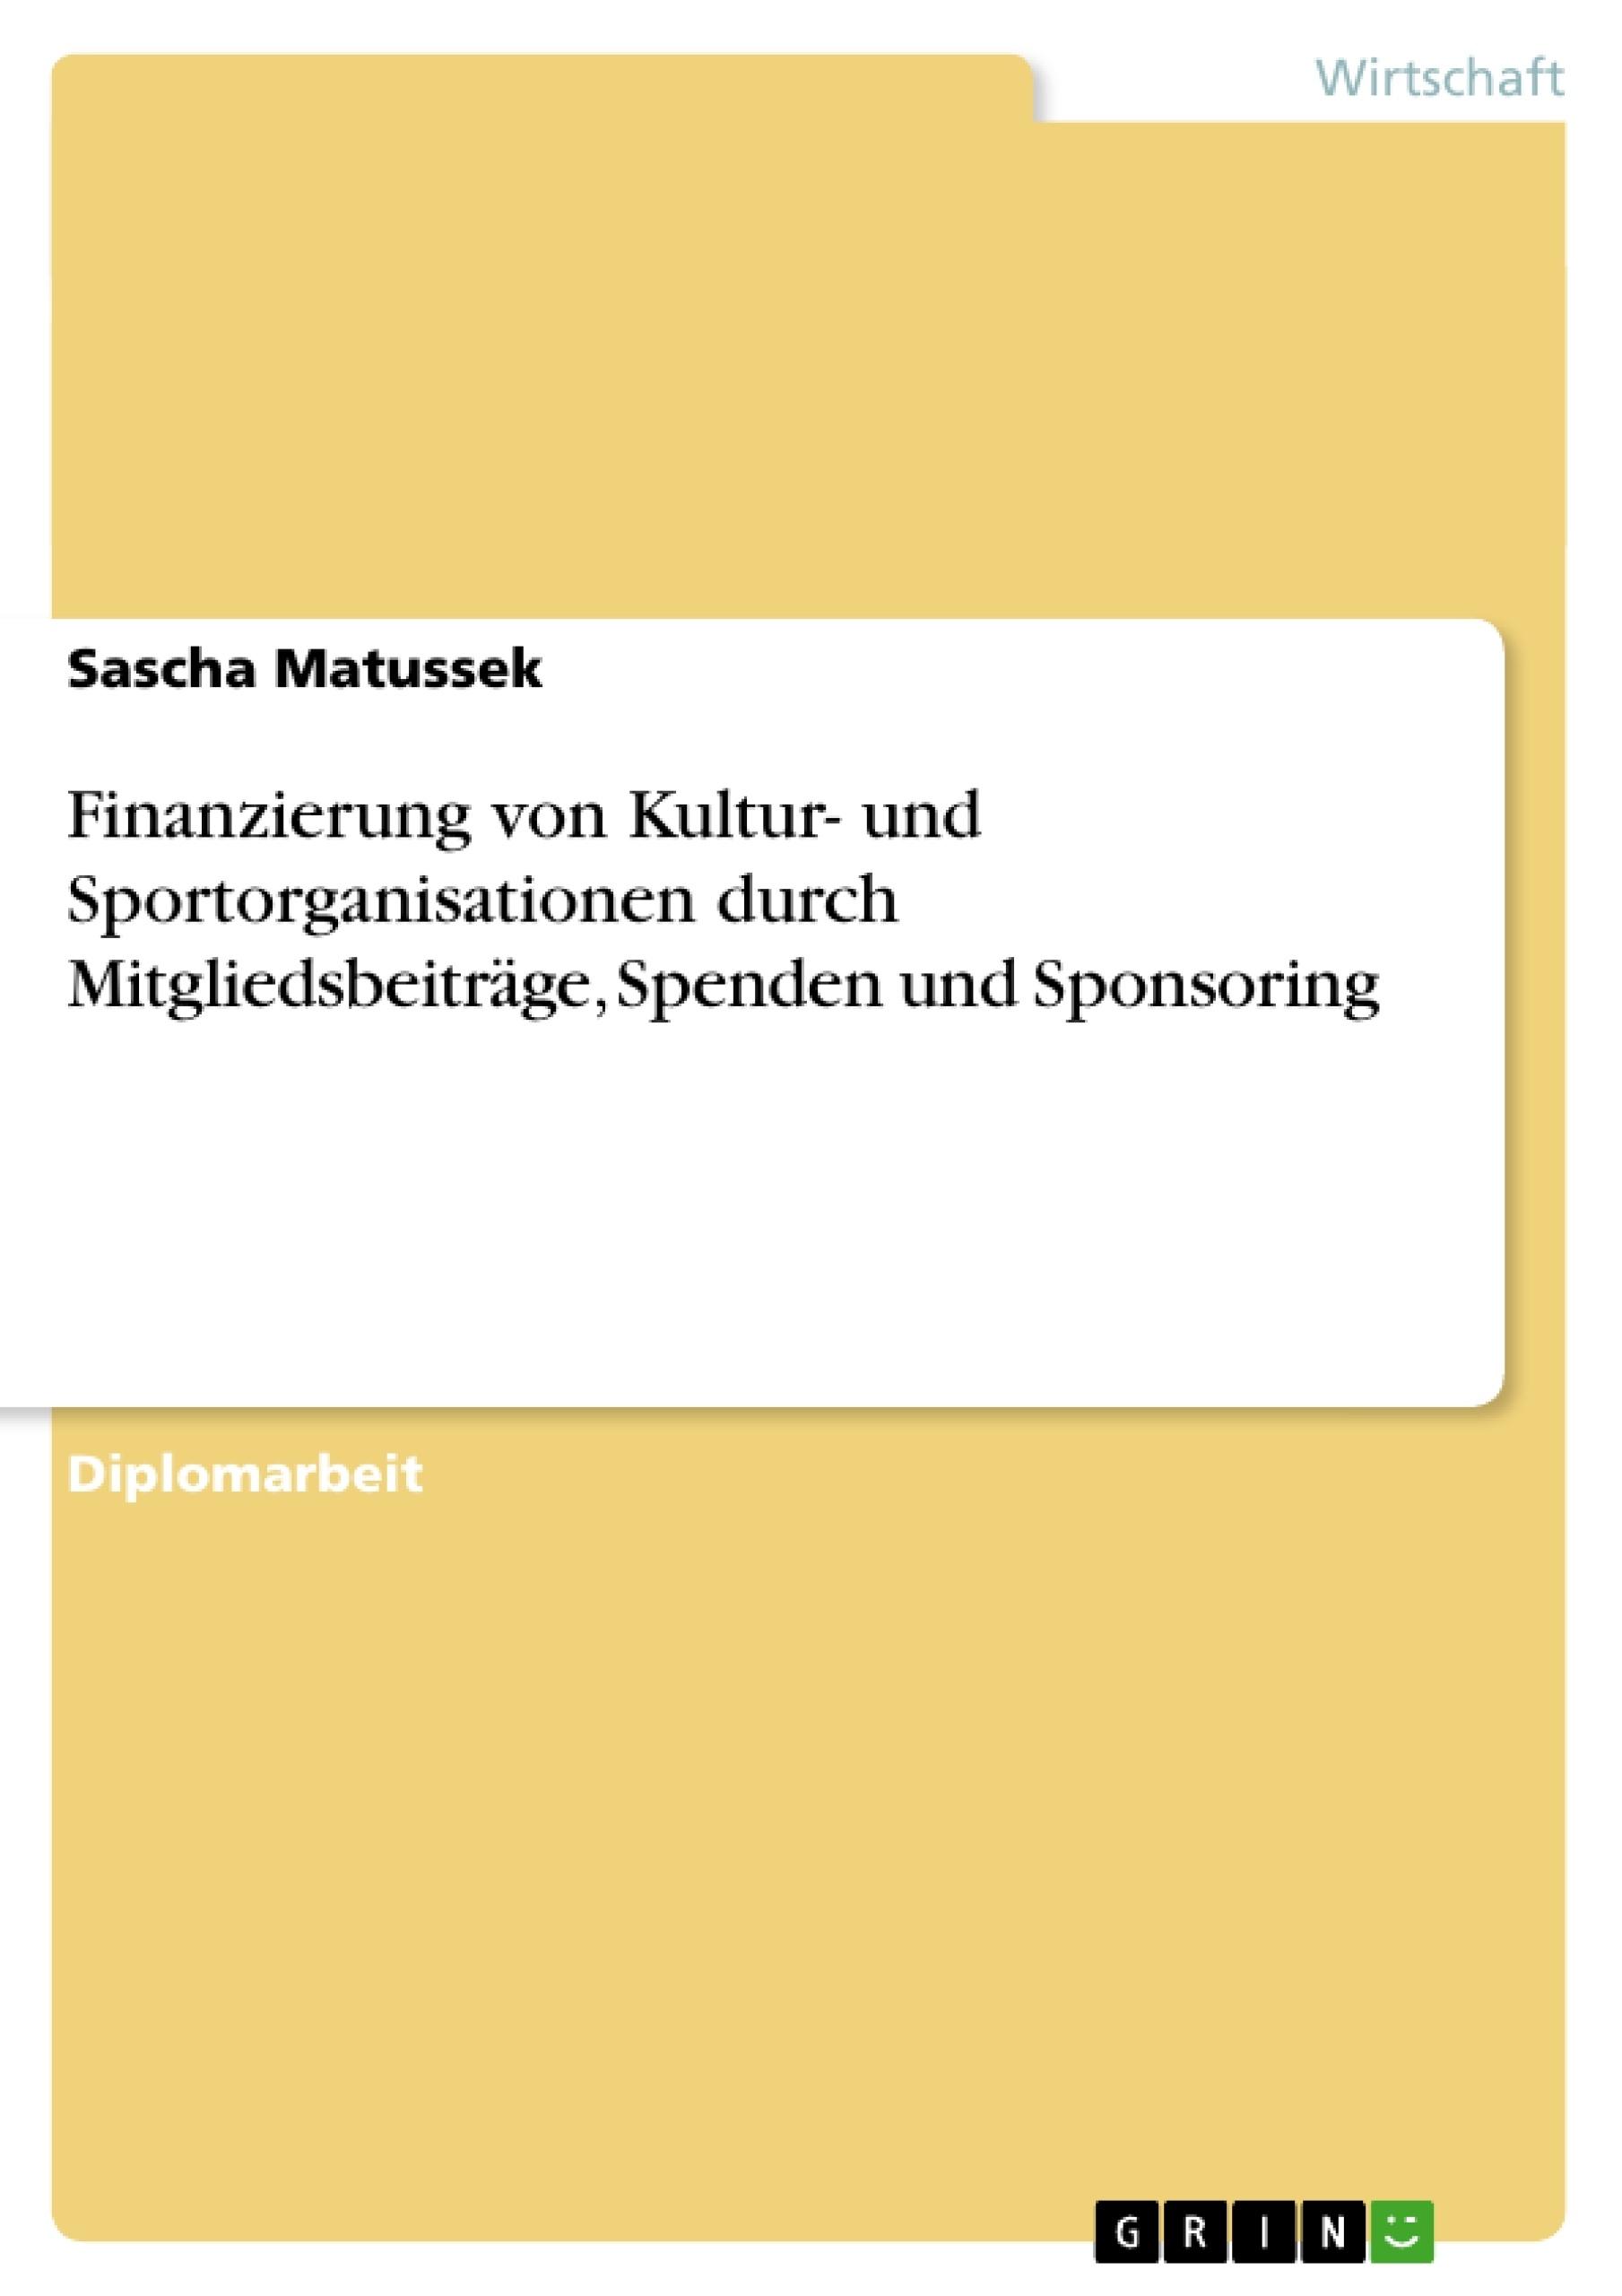 Titel: Finanzierung von Kultur- und Sportorganisationen durch Mitgliedsbeiträge, Spenden und Sponsoring